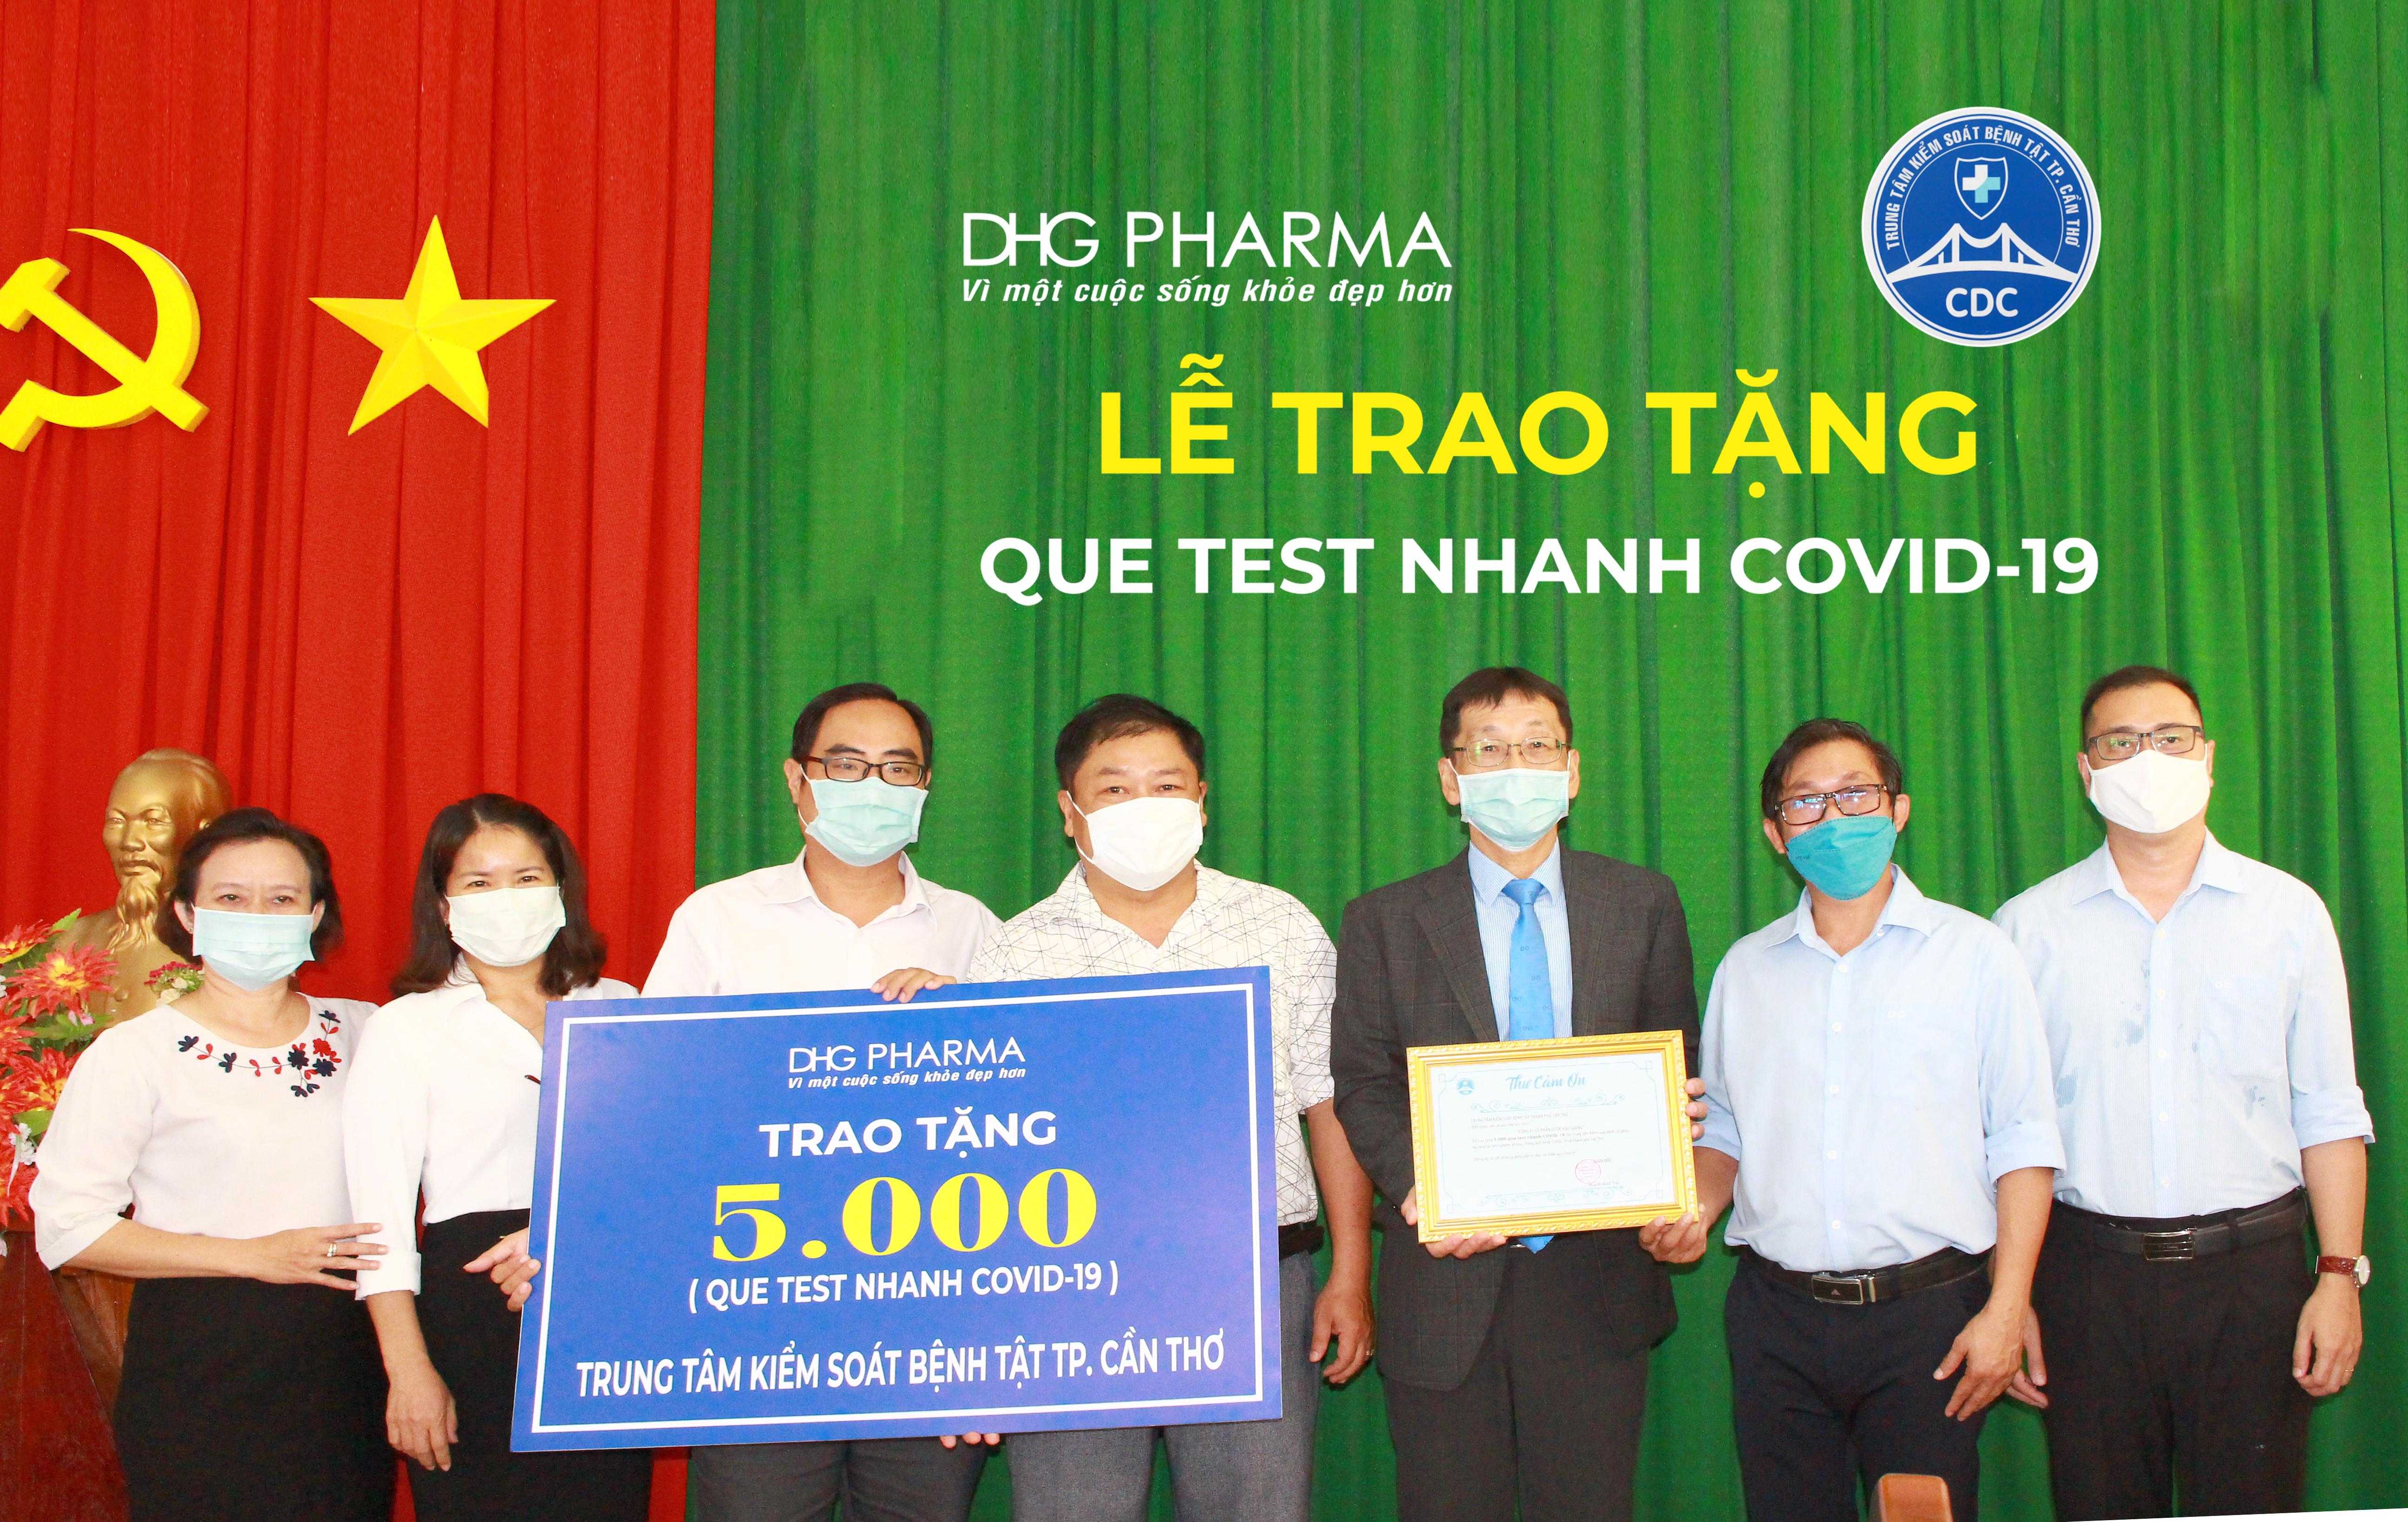 Ông Masashi Nakaura - Tổng giám đốc đại diện Dược Hậu Giang trao tặng 5.000 bộ que test nhanh Covid-19 cho Ông Trần Trường Chinh - Phó Giám đốc Trung tâm Kiểm soát bệnh tật thành phố Cần Thơ.